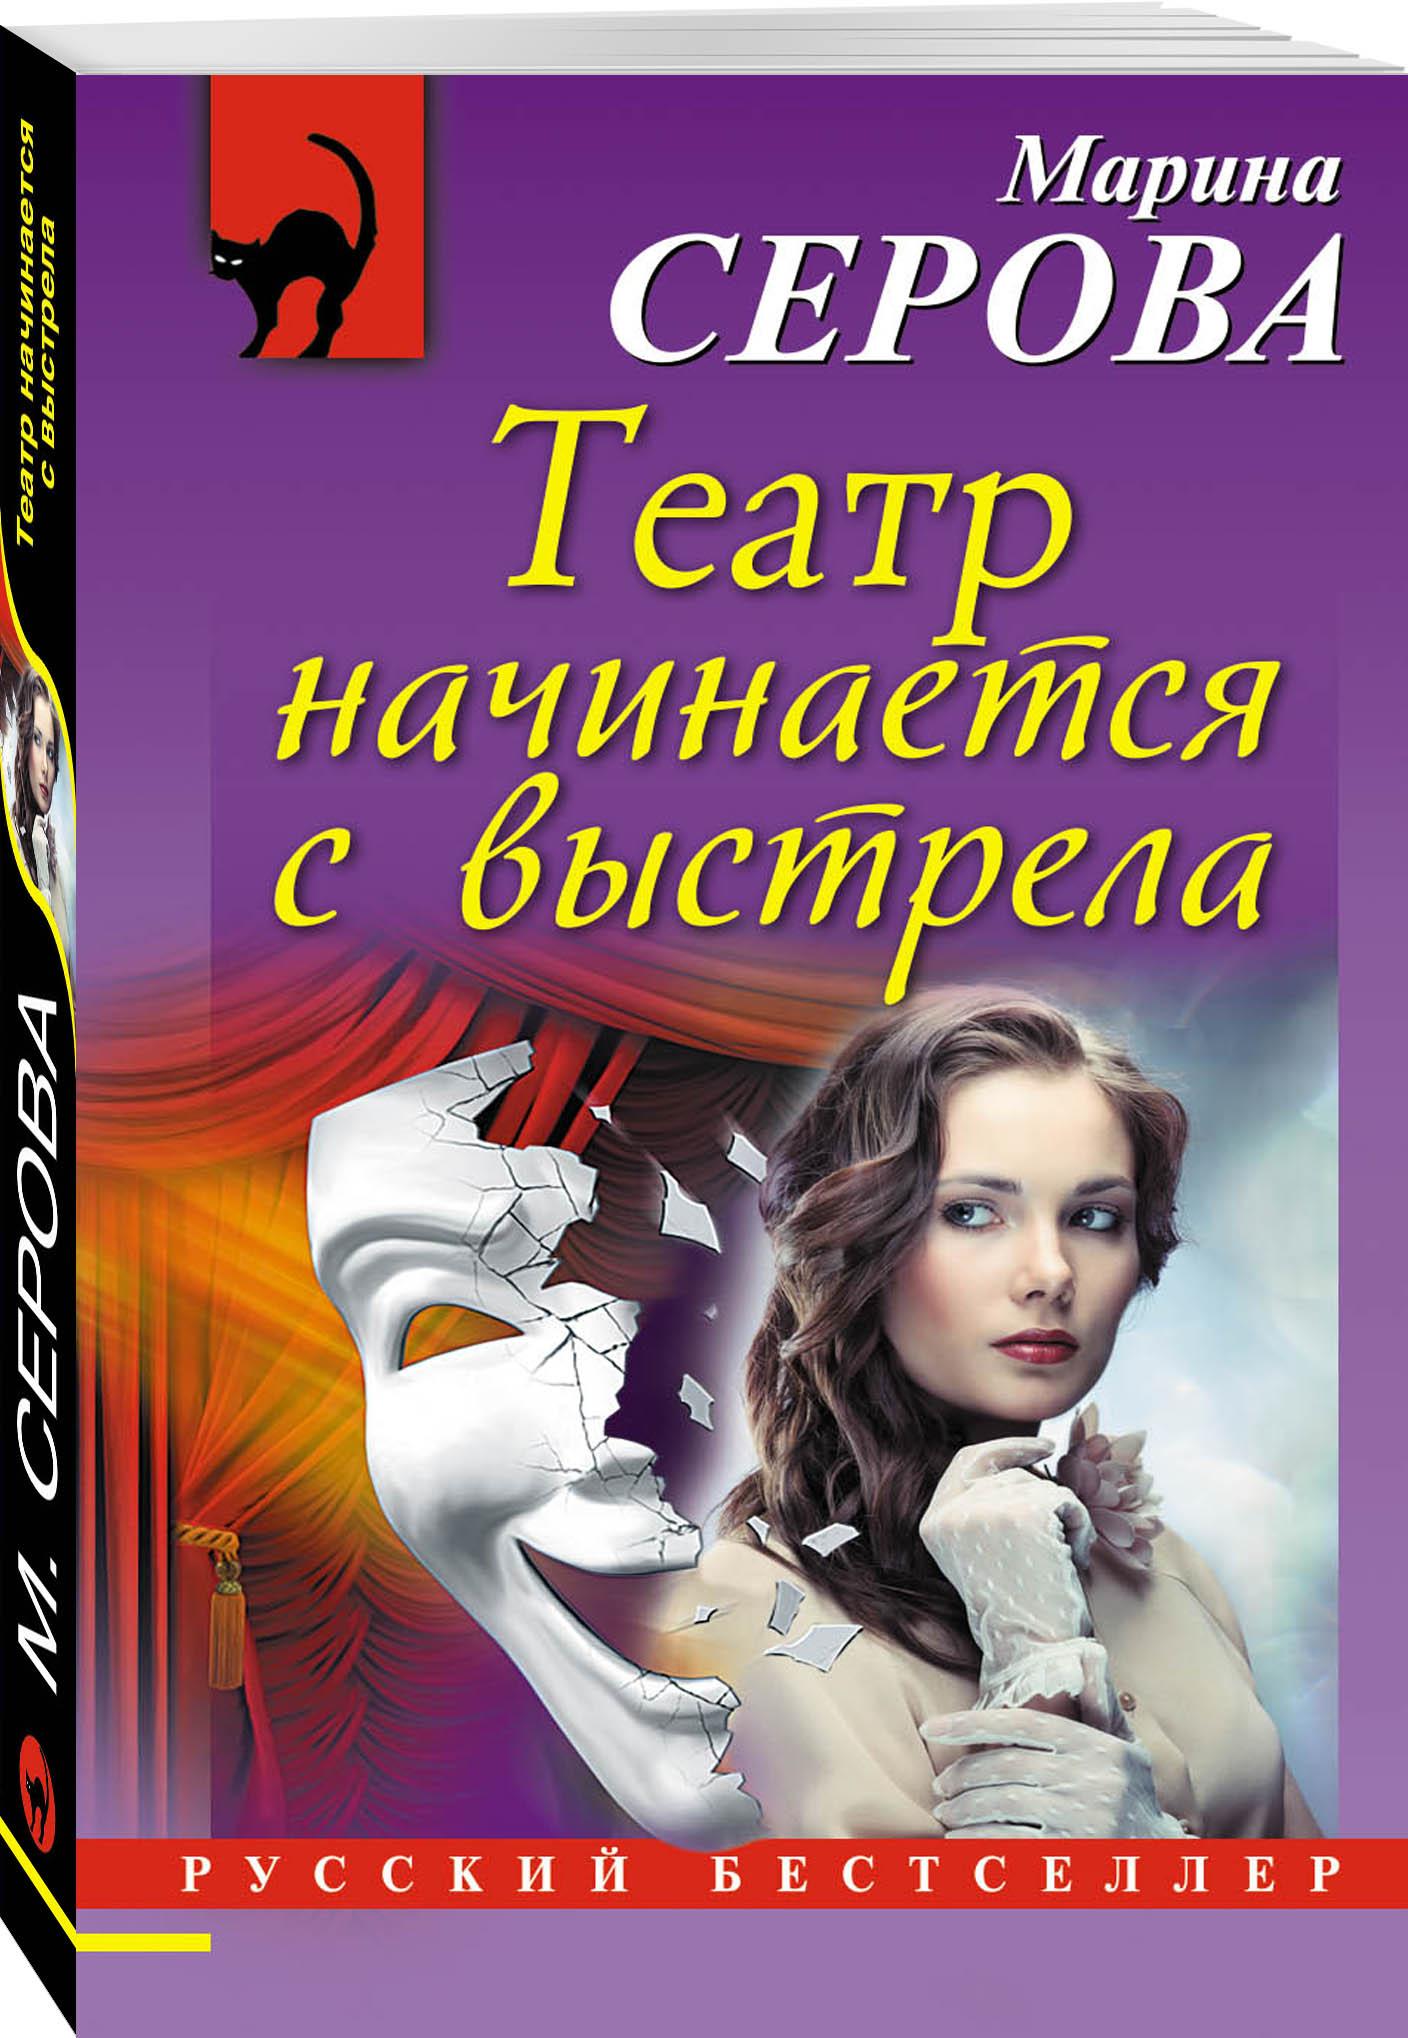 Марина Серова Театр начинается с выстрела марина серова театр начинается с выстрела